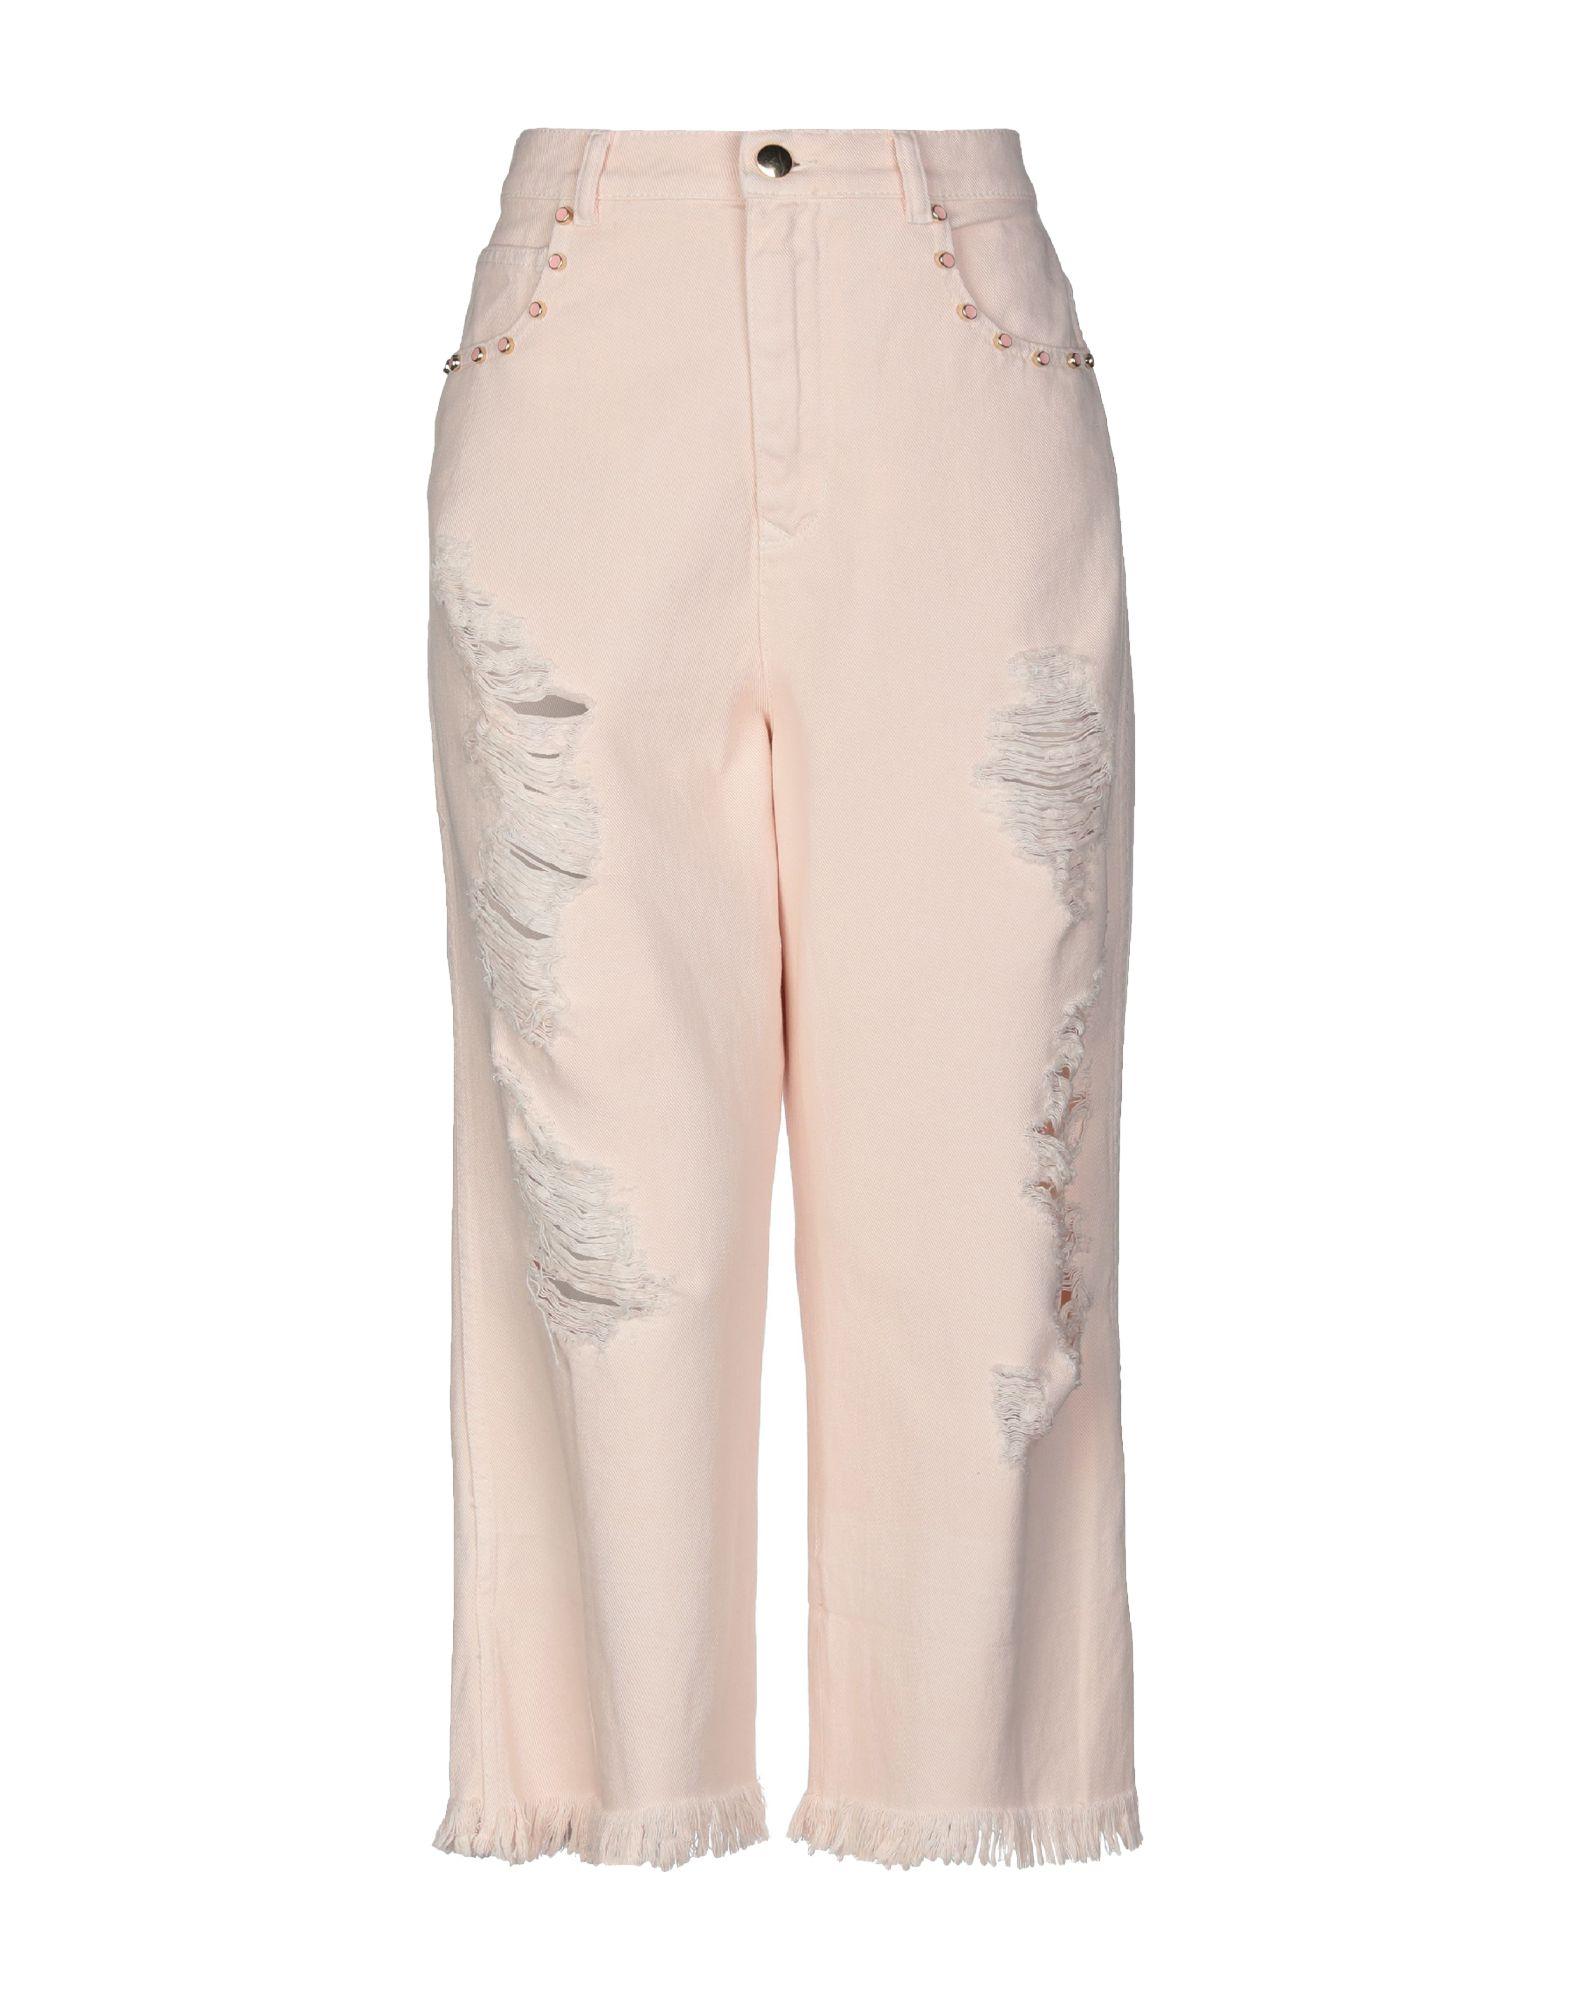 marco bologna джинсовые бермуды MARCO BOLOGNA Джинсовые брюки